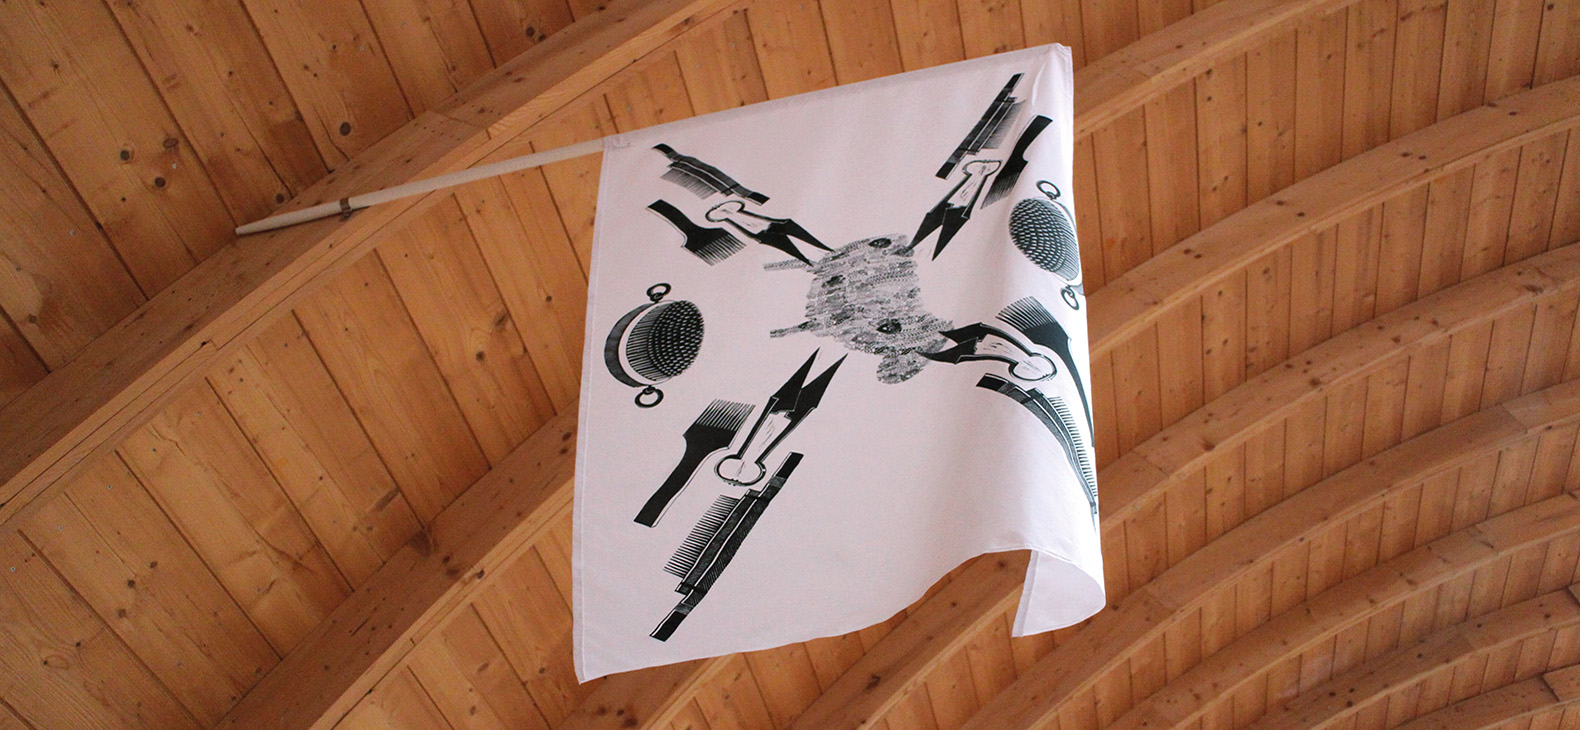 Schafhof-Flag, Albina Yaloza, Linolschnitt auf Stoff, Fahnenstange, 120 x 175 cm, 2015